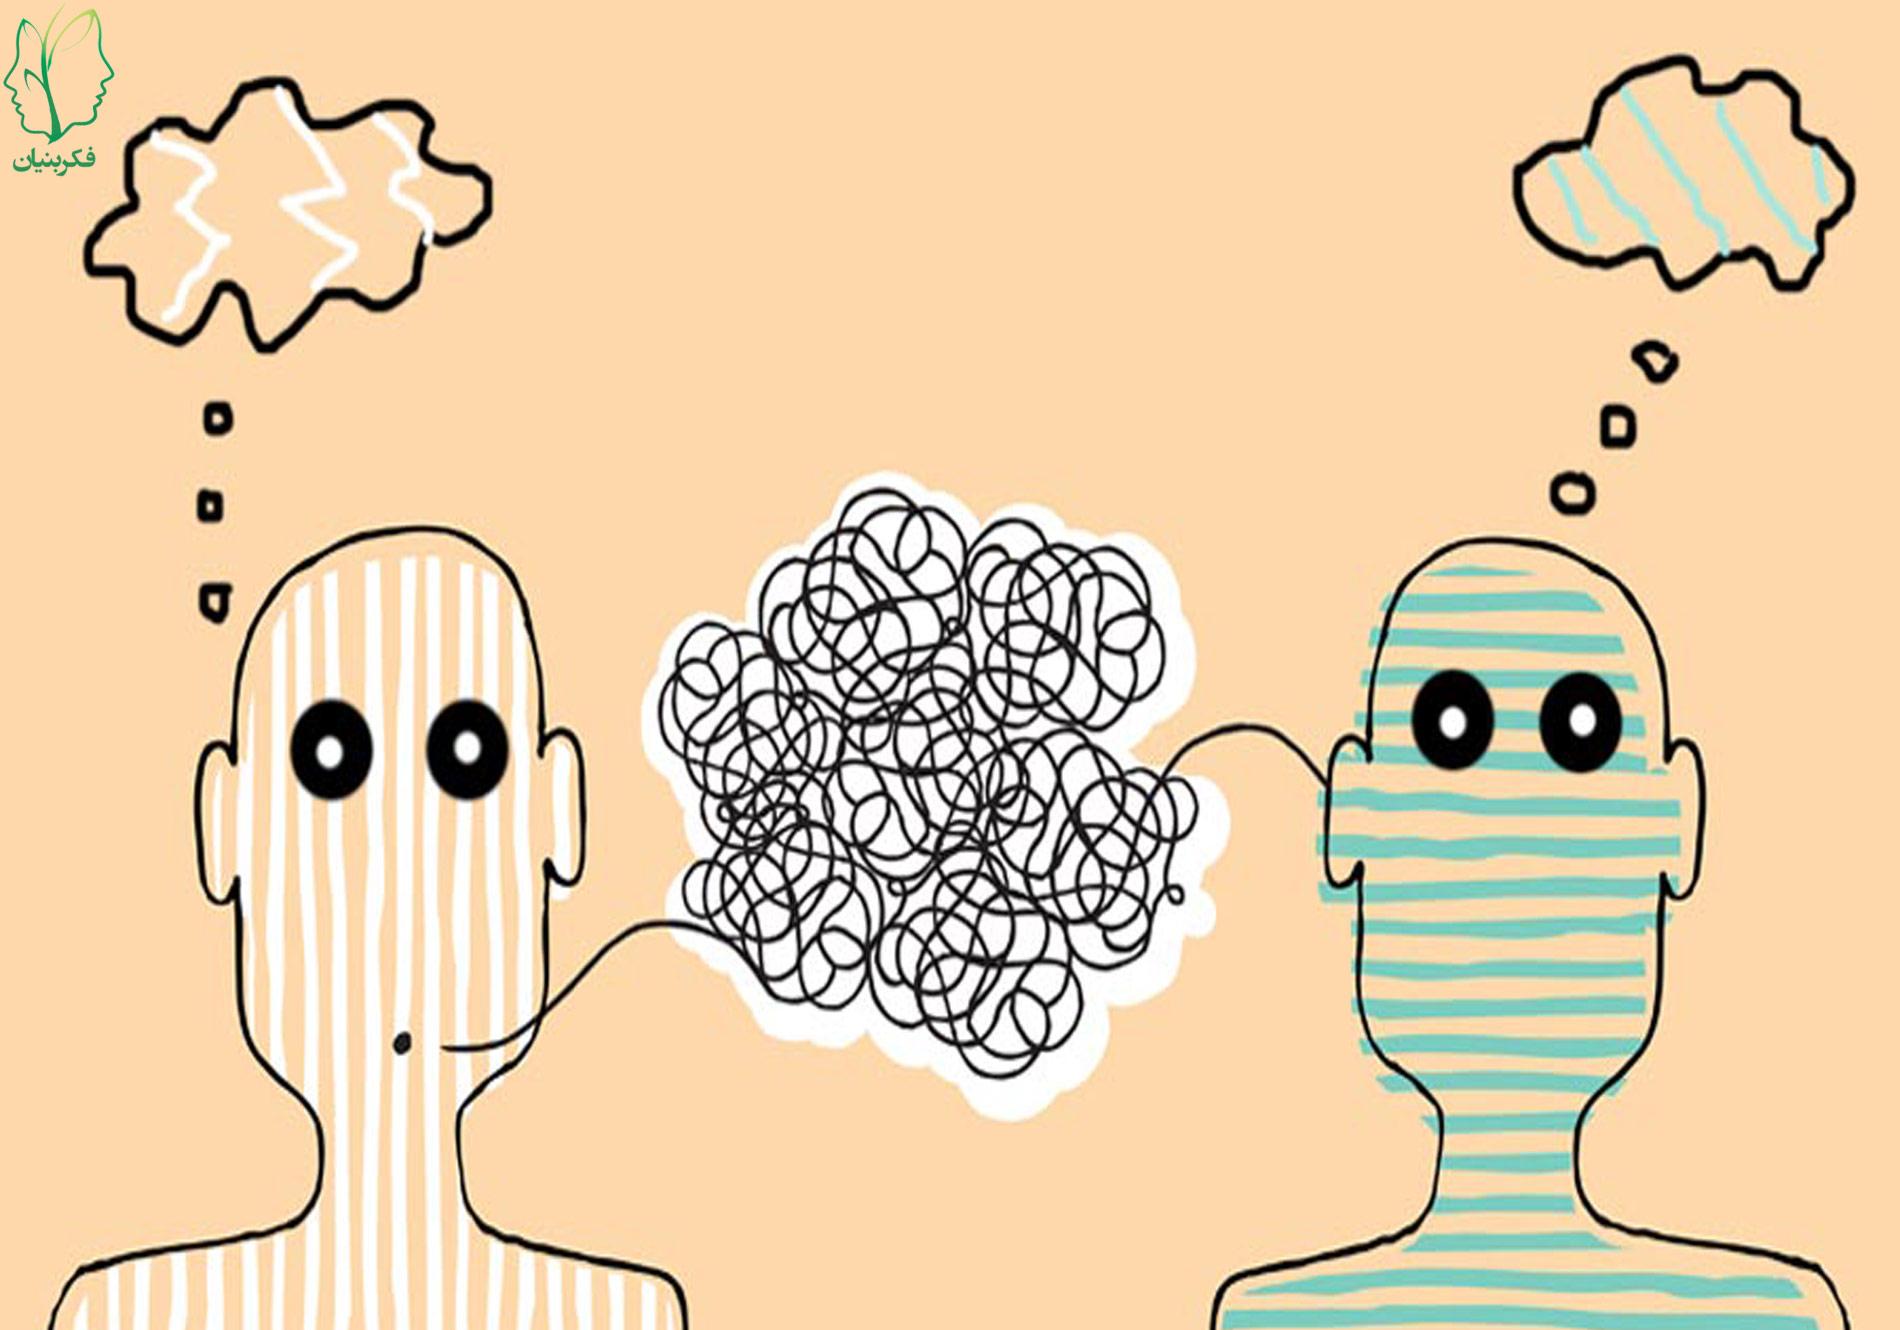 مهارت گوش دادن همدلانه را کسب کنید